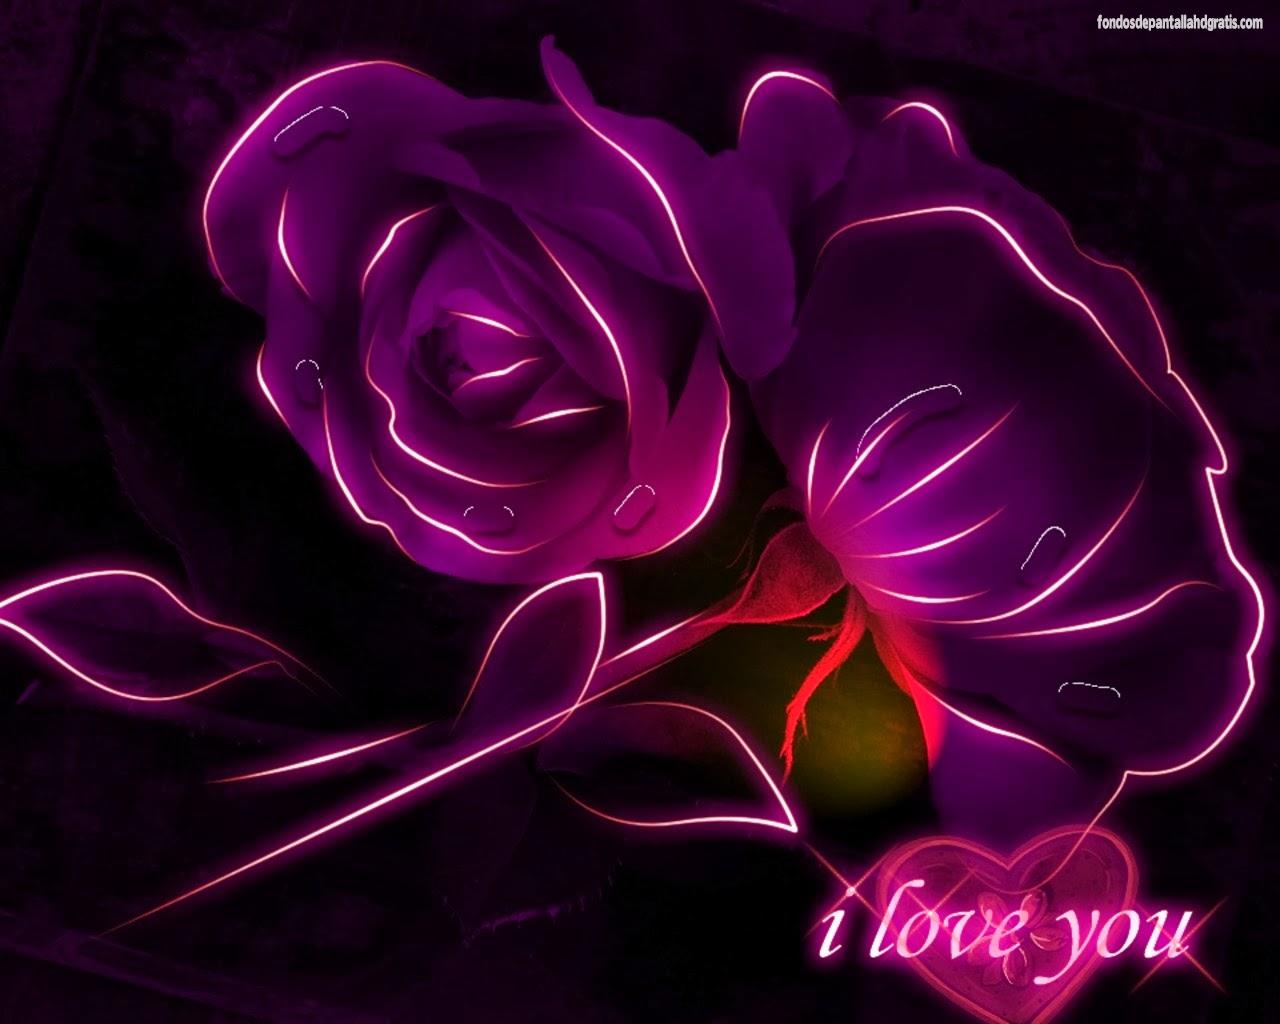 Imagenes para celulares de fondo de pantalla de amor Fondos hd para celular